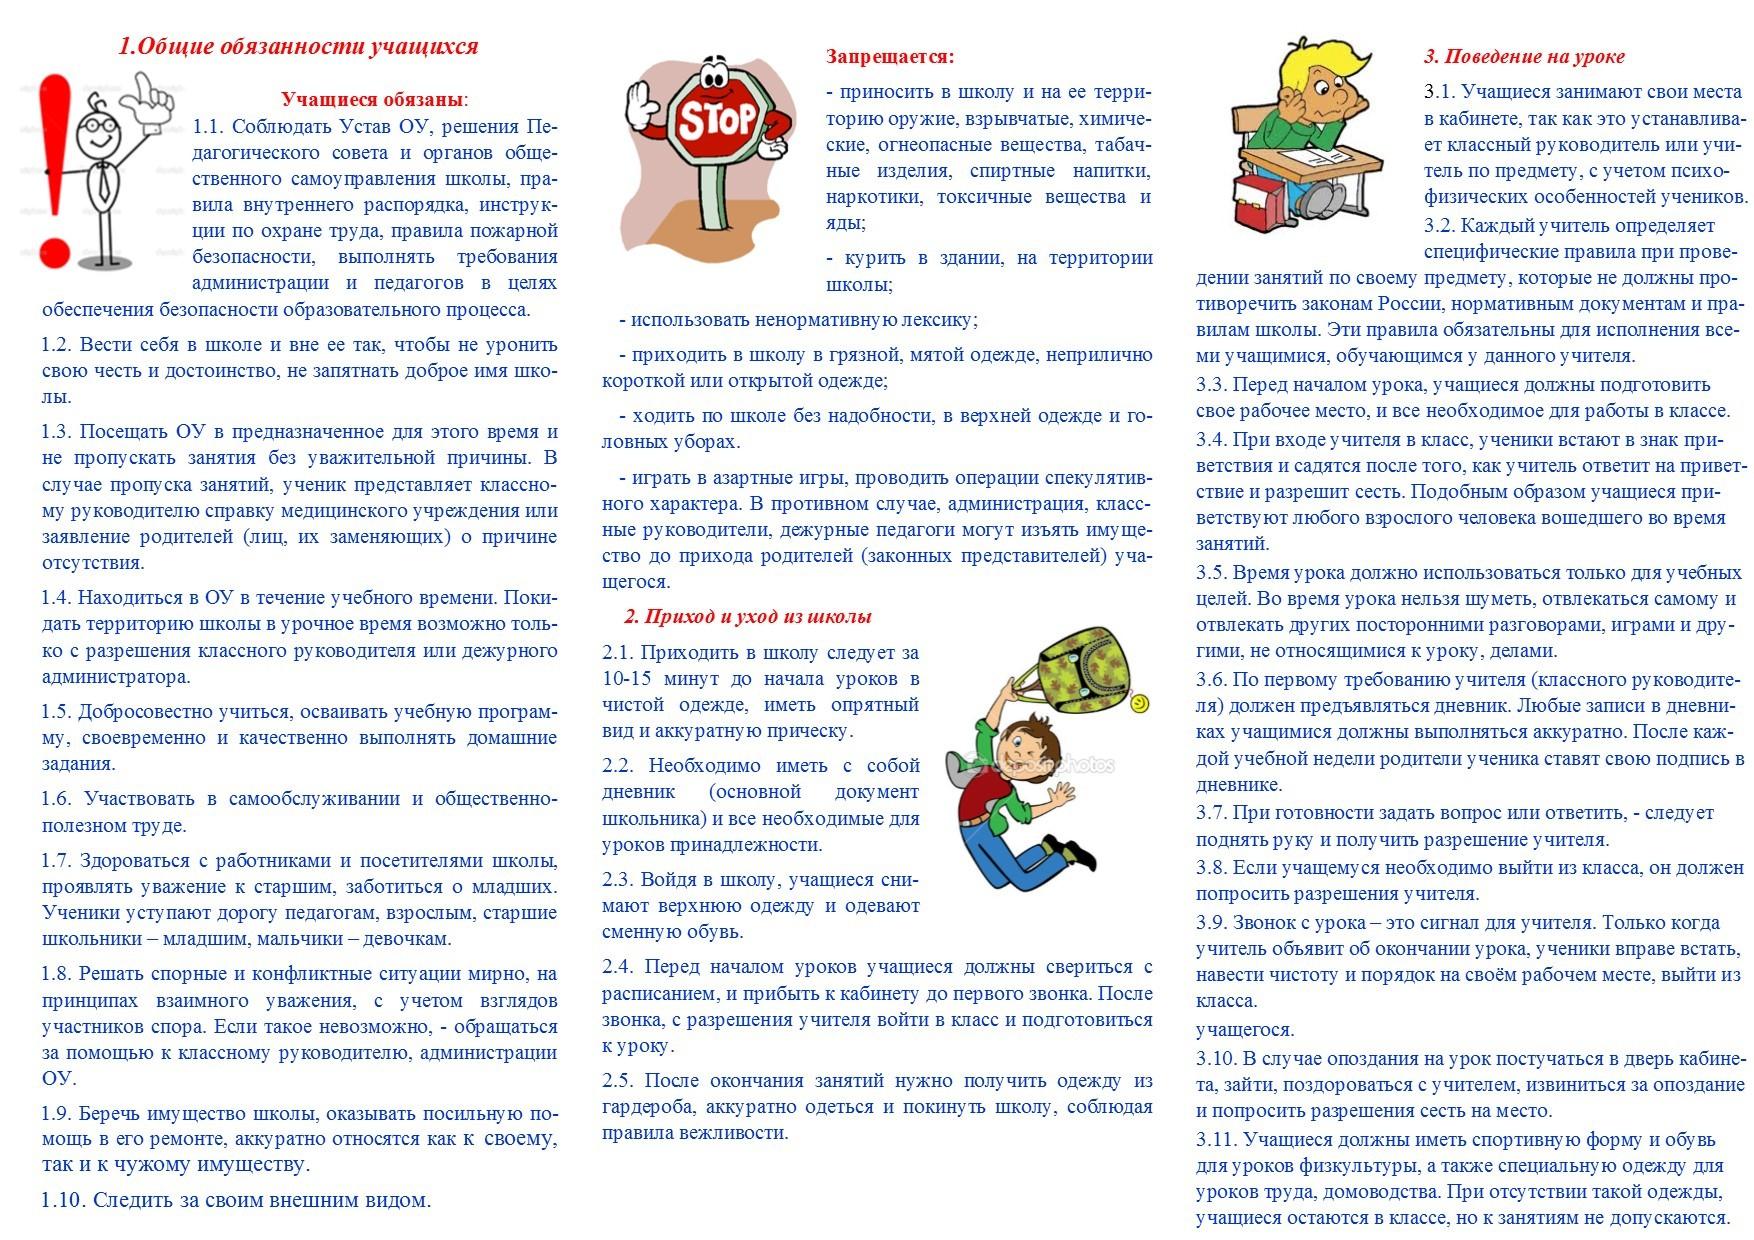 брошюры2)